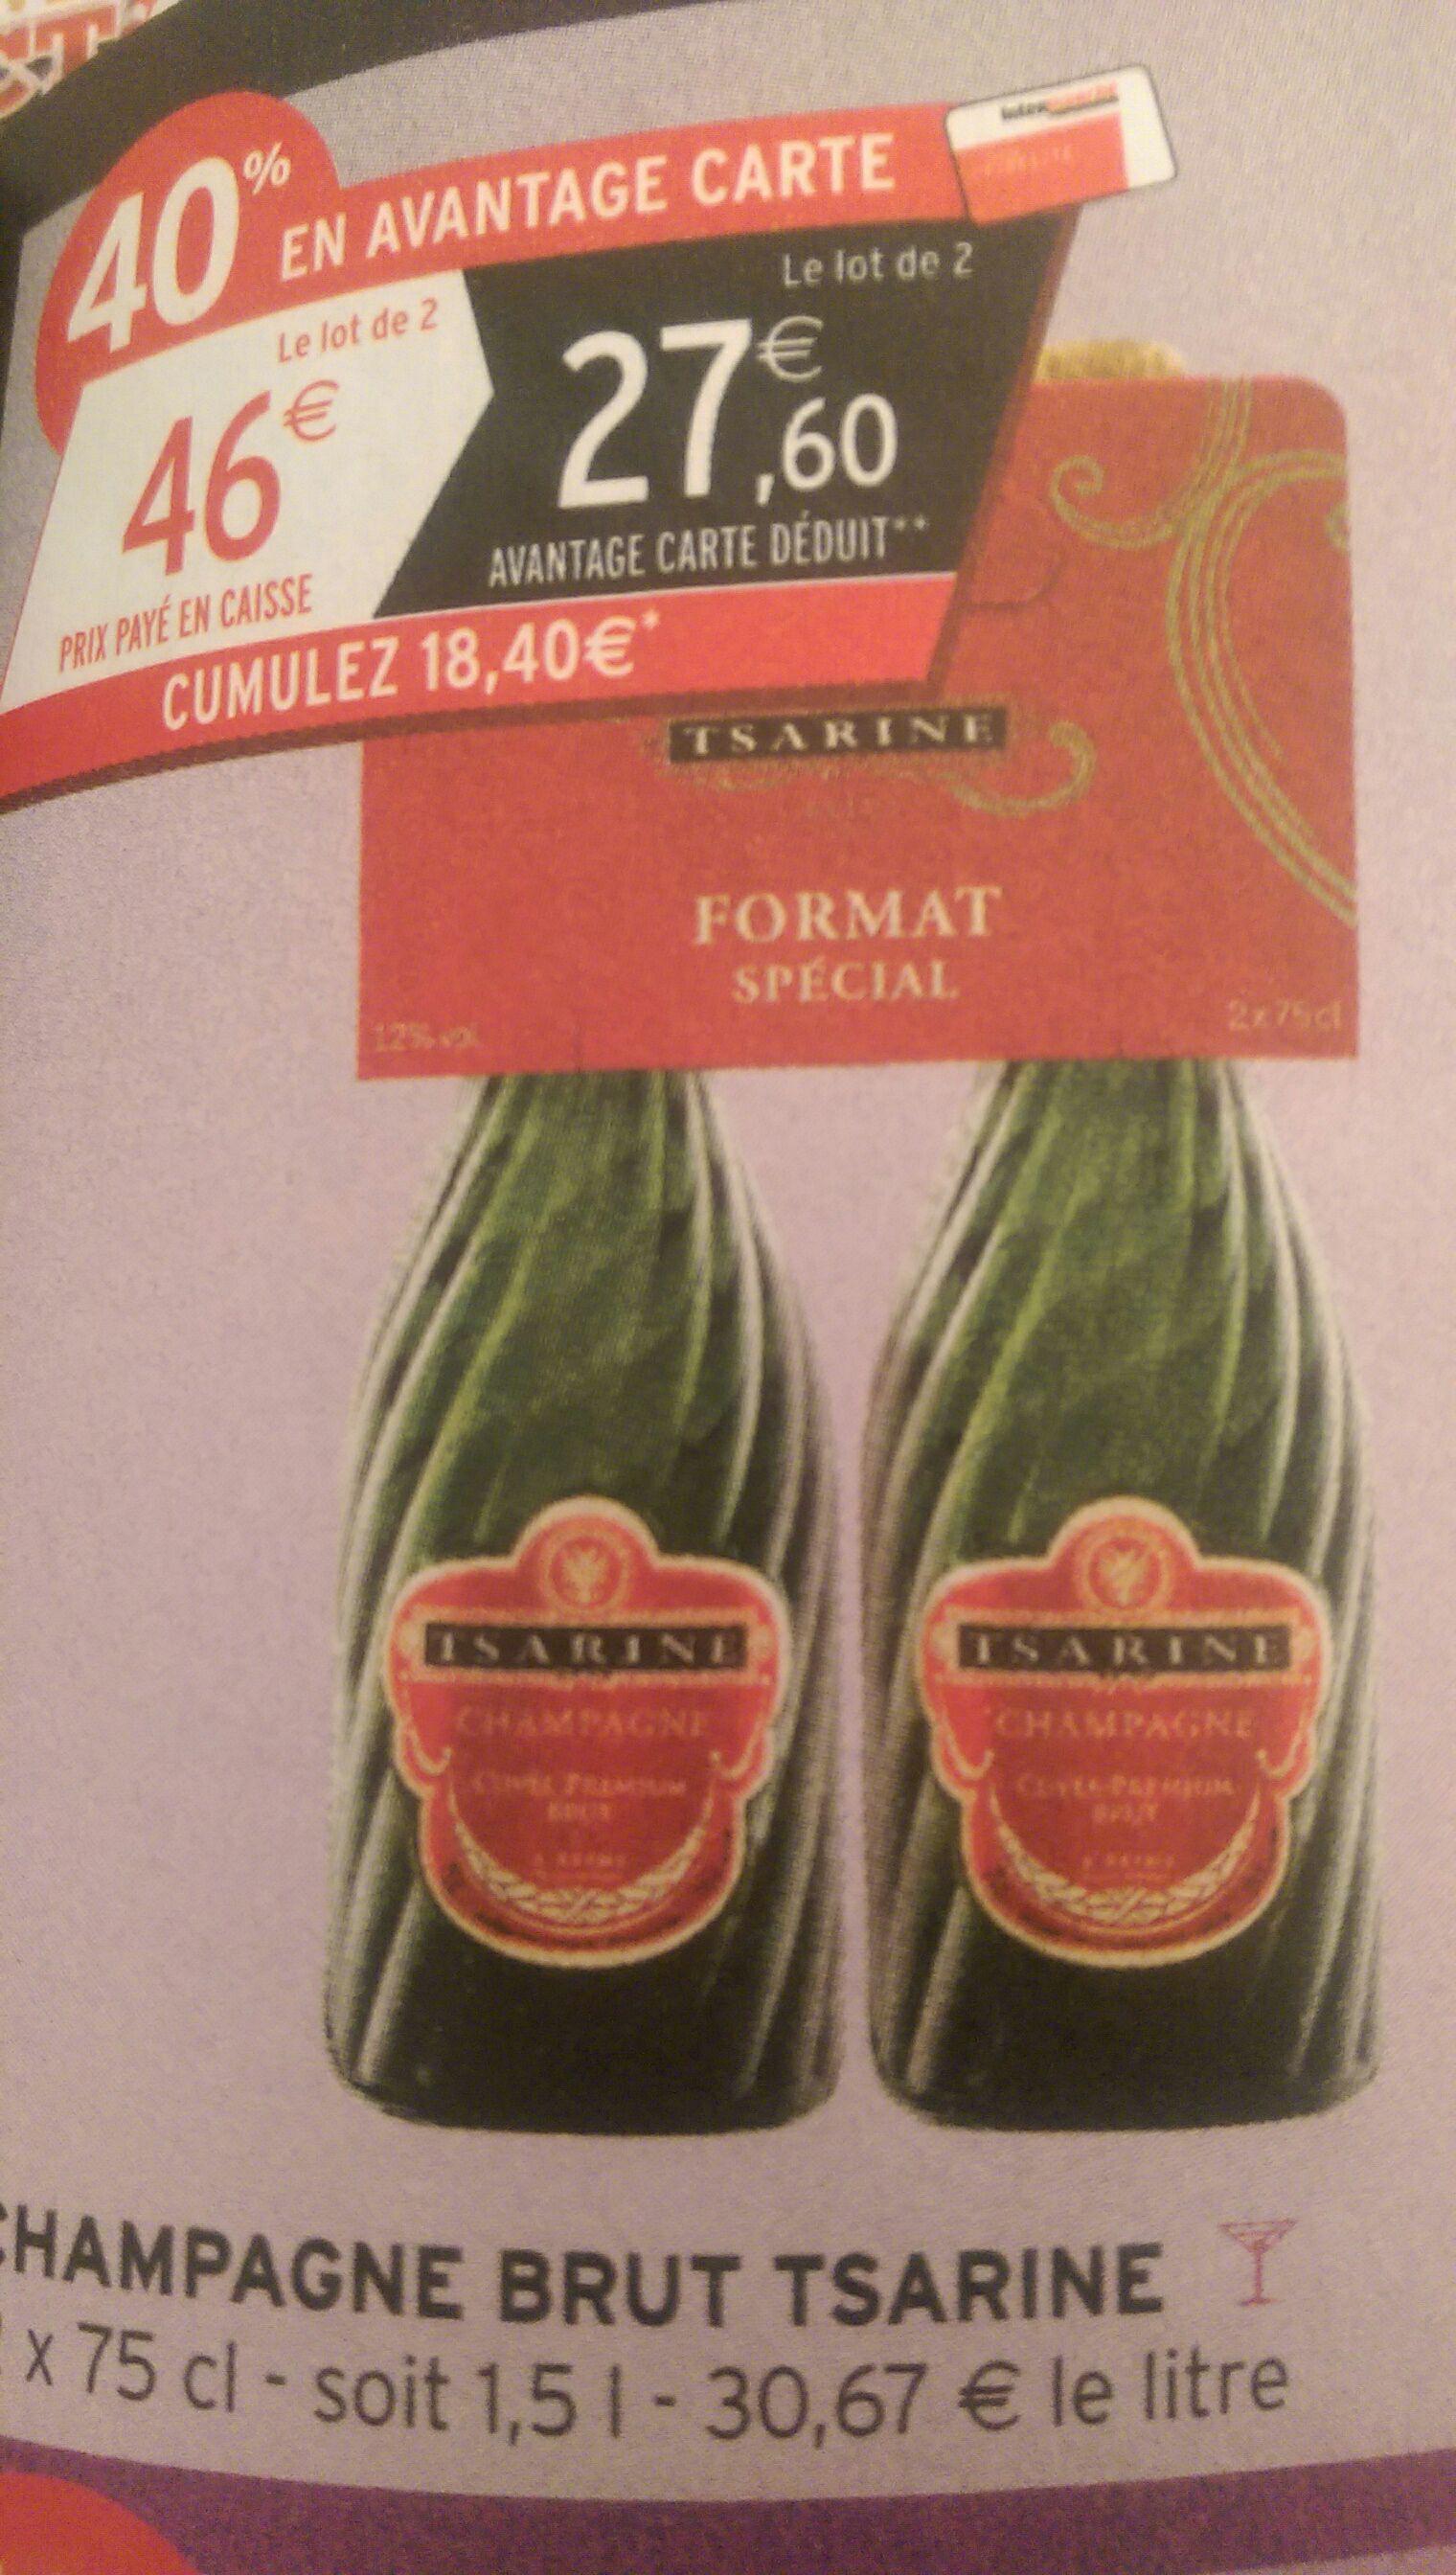 Lot de 2 Bouteilles de champagne Tsarine Brut (via 18.40€ sur la carte fidélité)